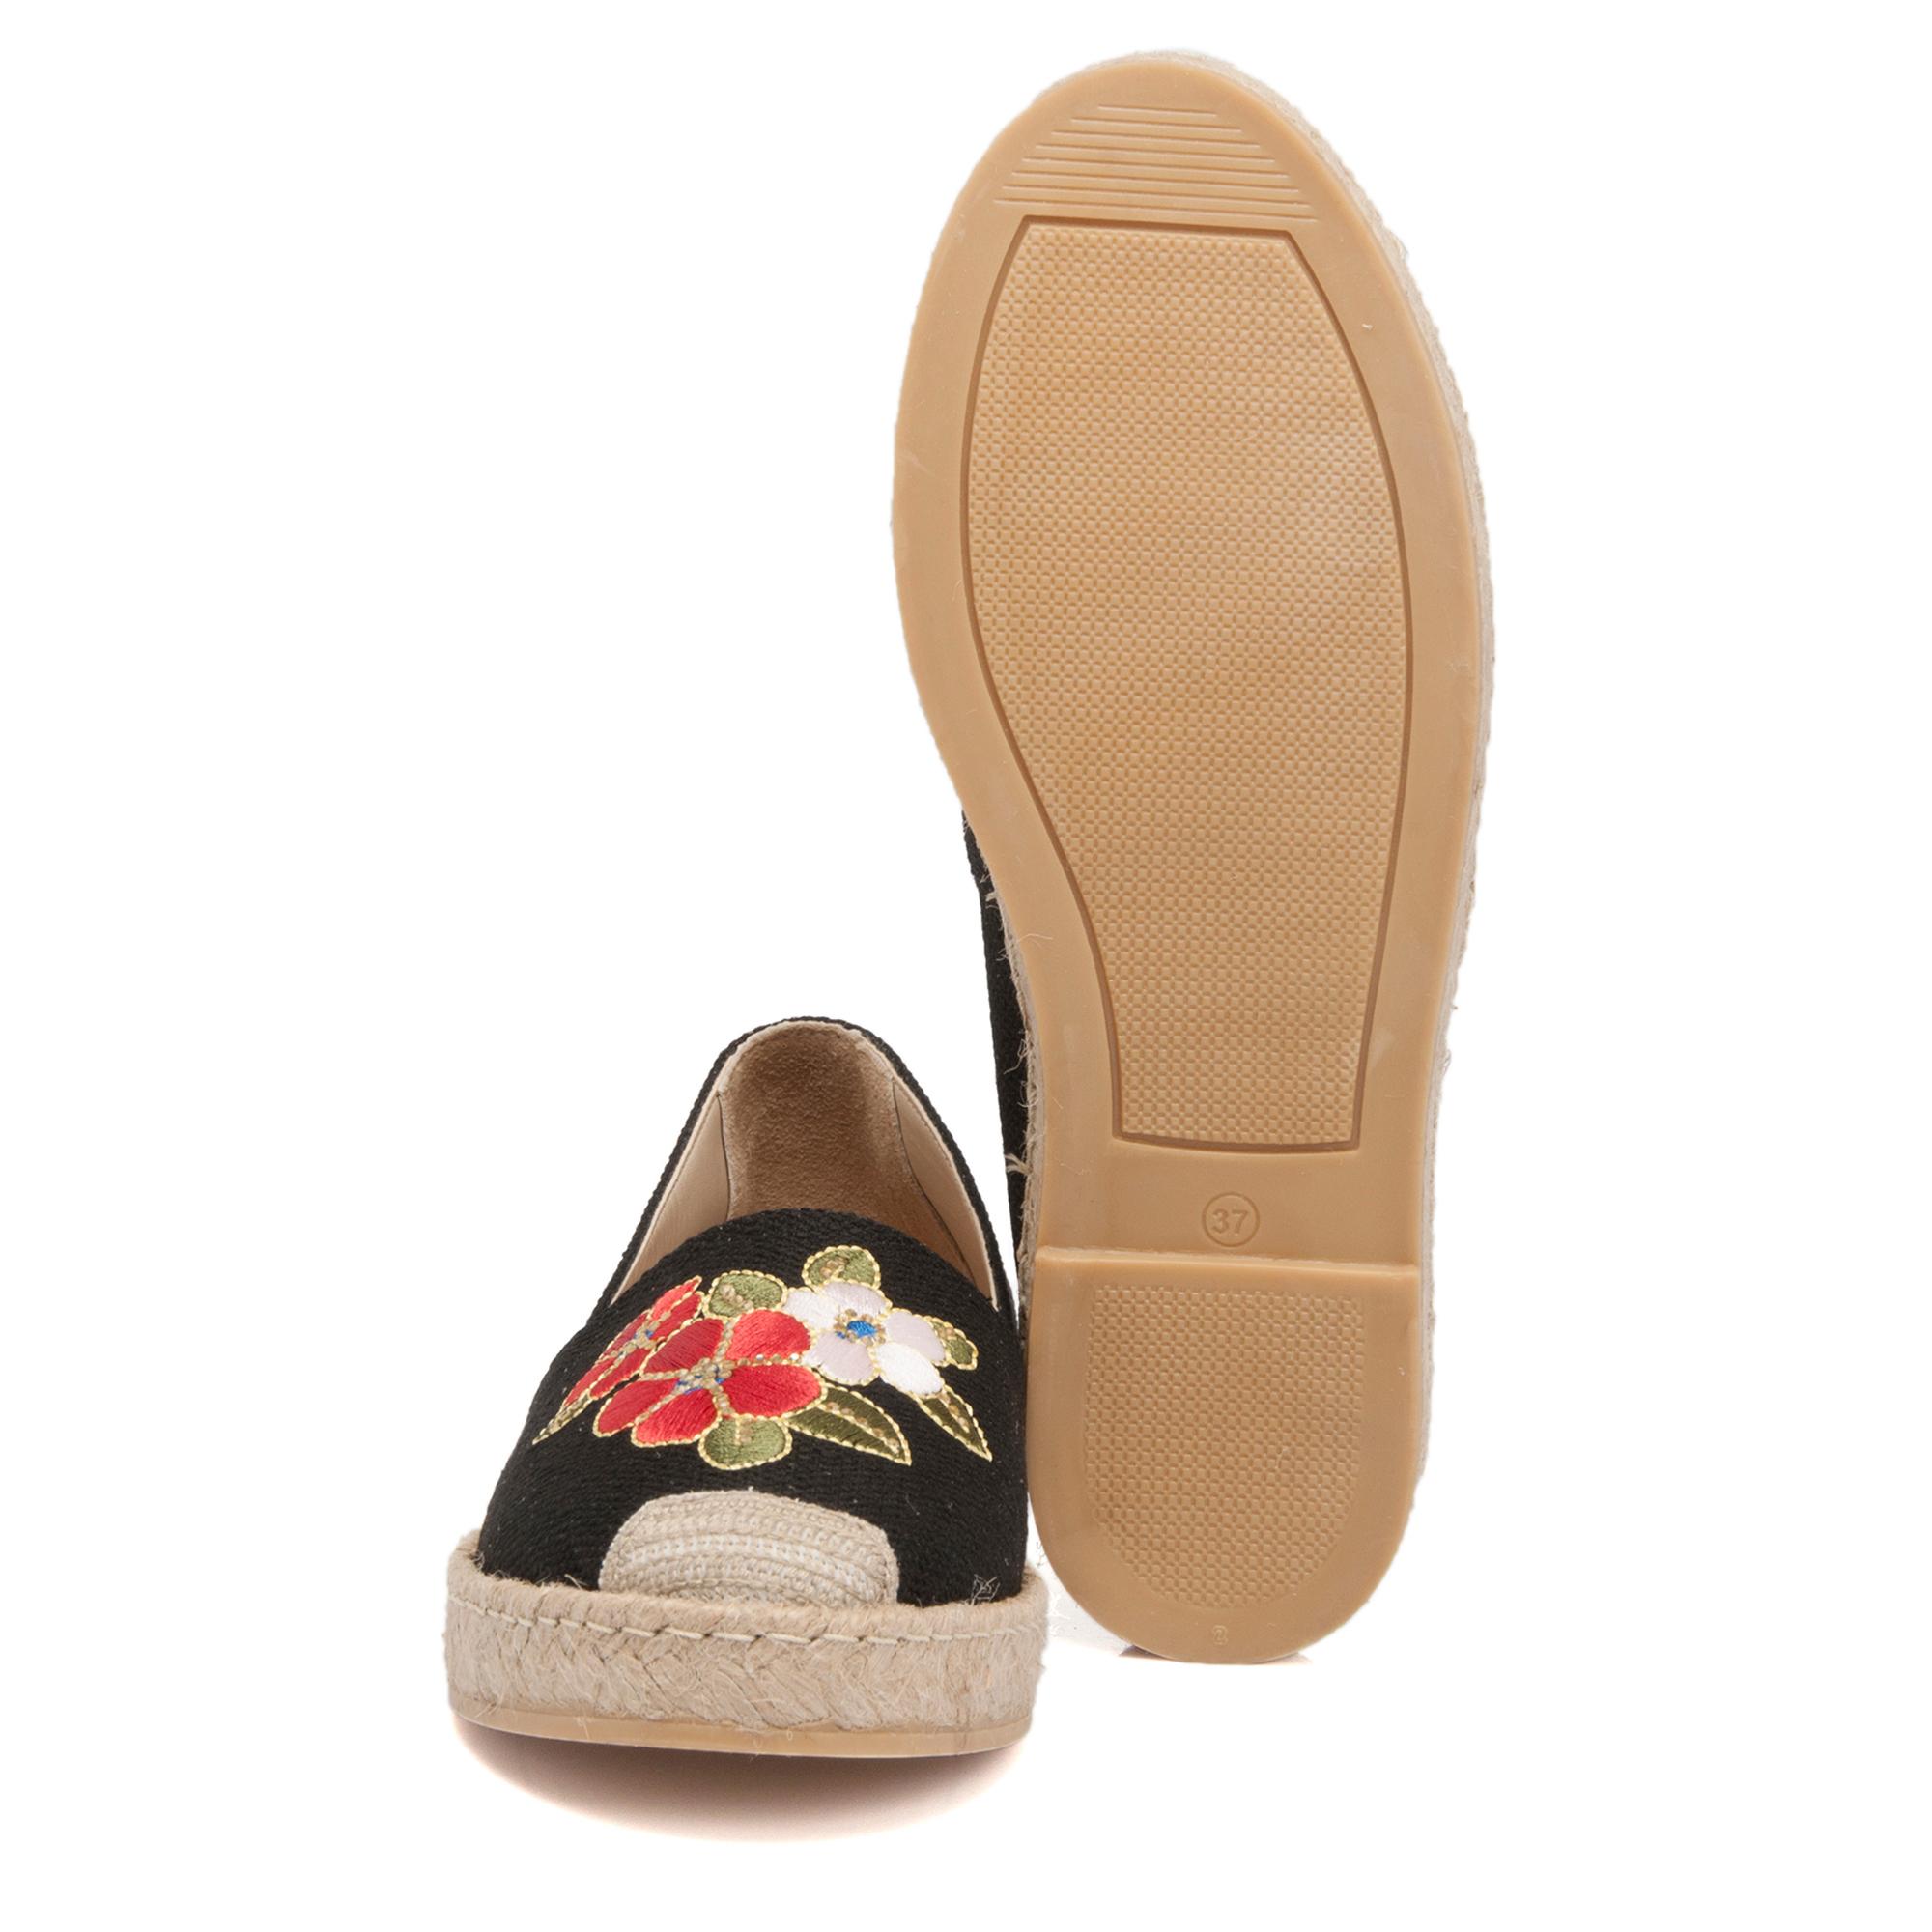 Siyah Tekstil Kadın Ayakkabı 64213B11